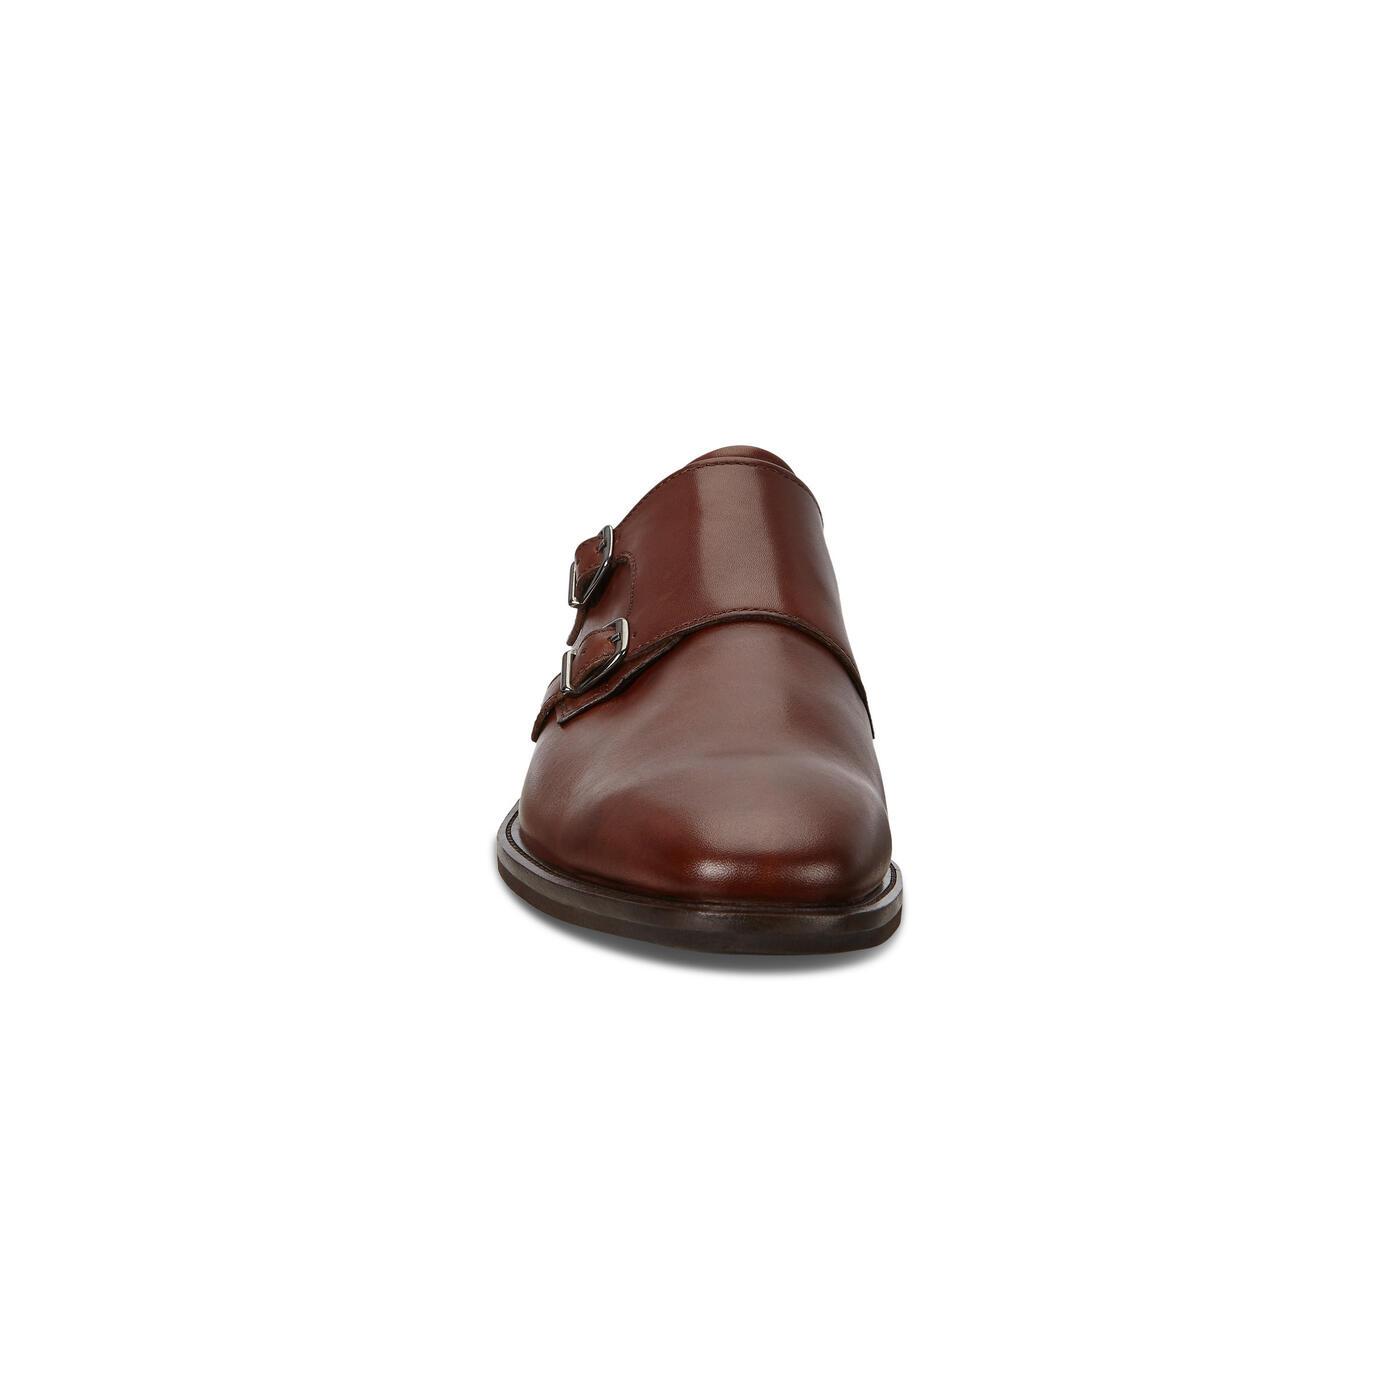 Chaussure habillée ECCO Calcan pour hommes